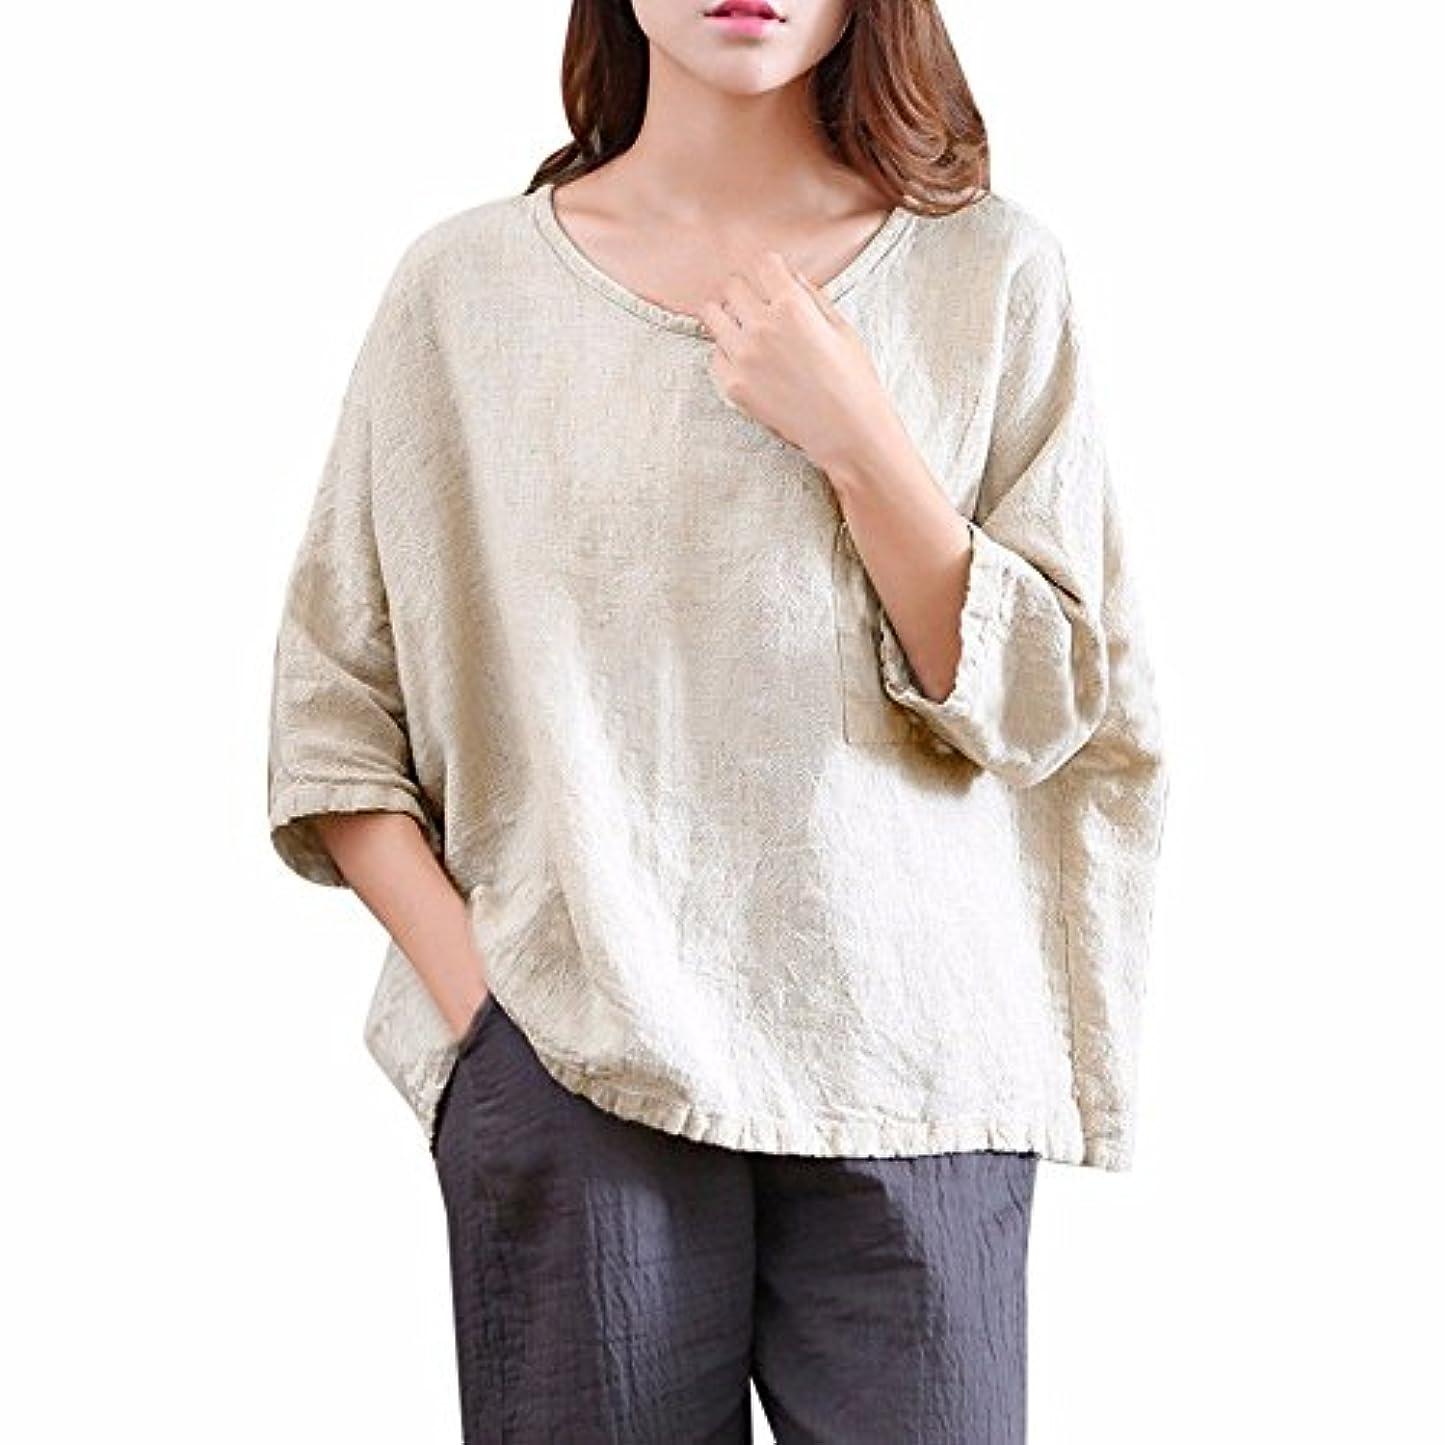 触覚側面小さいレディース tシャツ 欧米風 麻 半袖 純色 大きなサイズ 新着 半袖 シャツ 無地 ゆったり 大きいサイズ すがすがしい スポーツ YOKINO